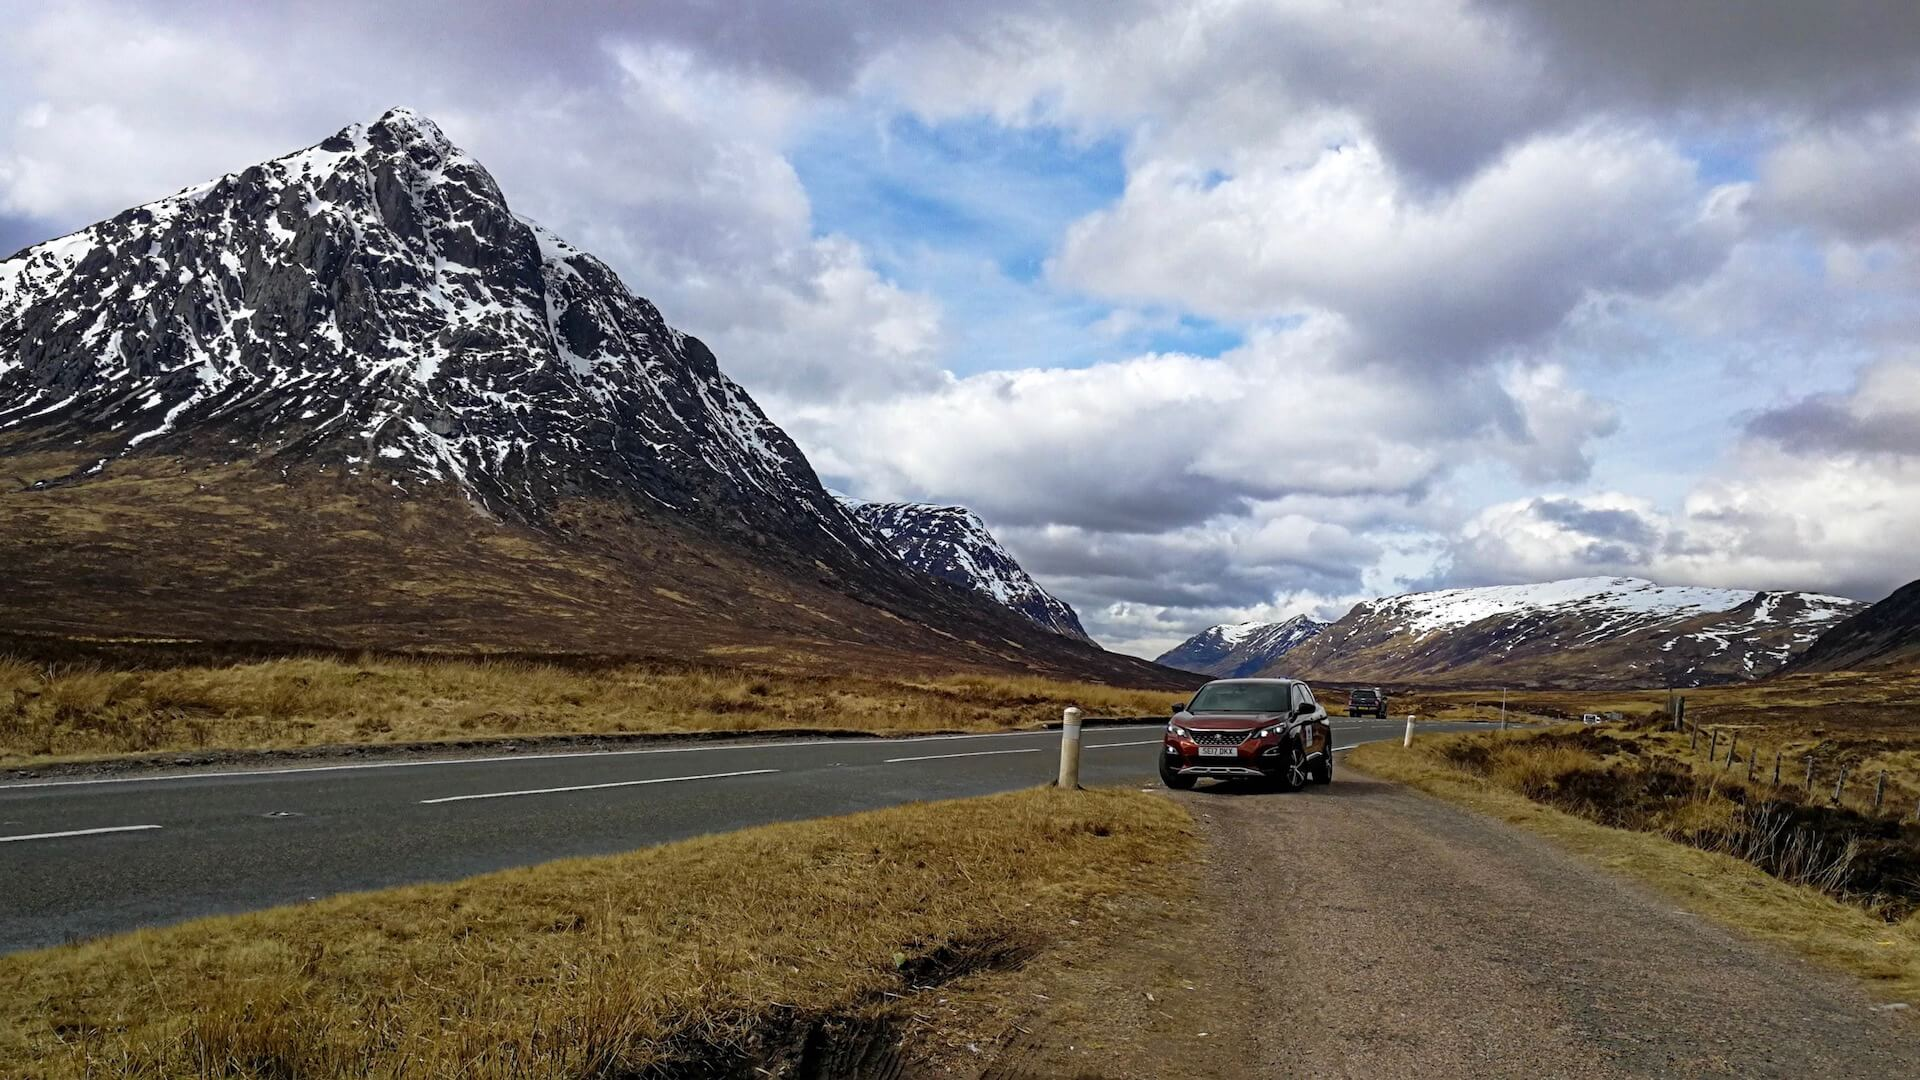 SCOZIA: Itinerario di 2 giorni nelle Highlands - SCOTLAND4YOU